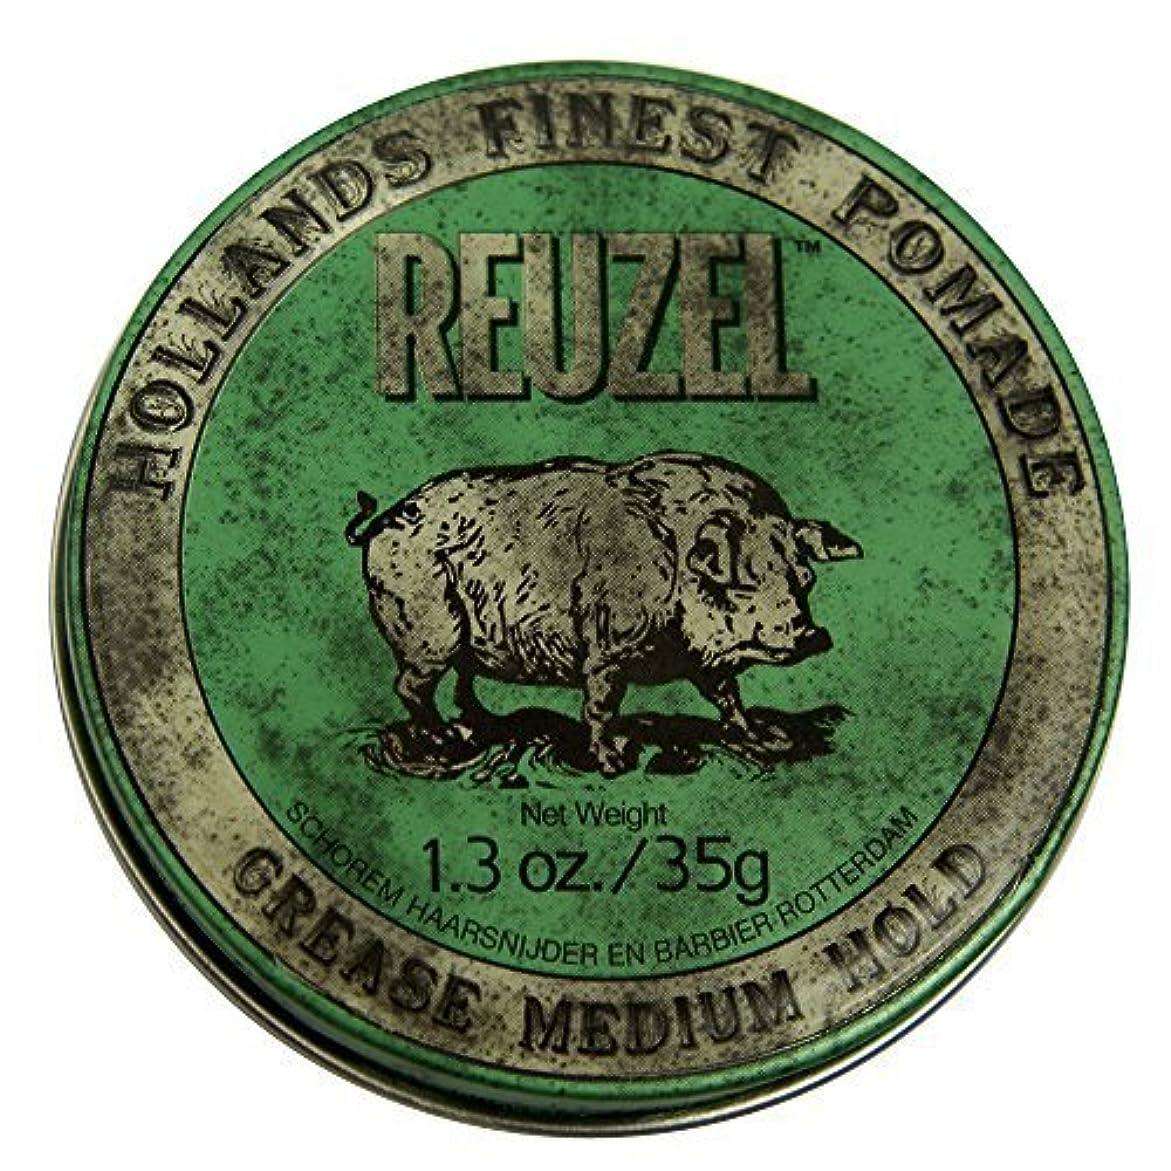 静けさしばしば解釈by Reuzel Reuzel Green Grease Medium Hold Hair Styling Pomade Piglet 1.3oz (35g) Wax/Gel [並行輸入品]